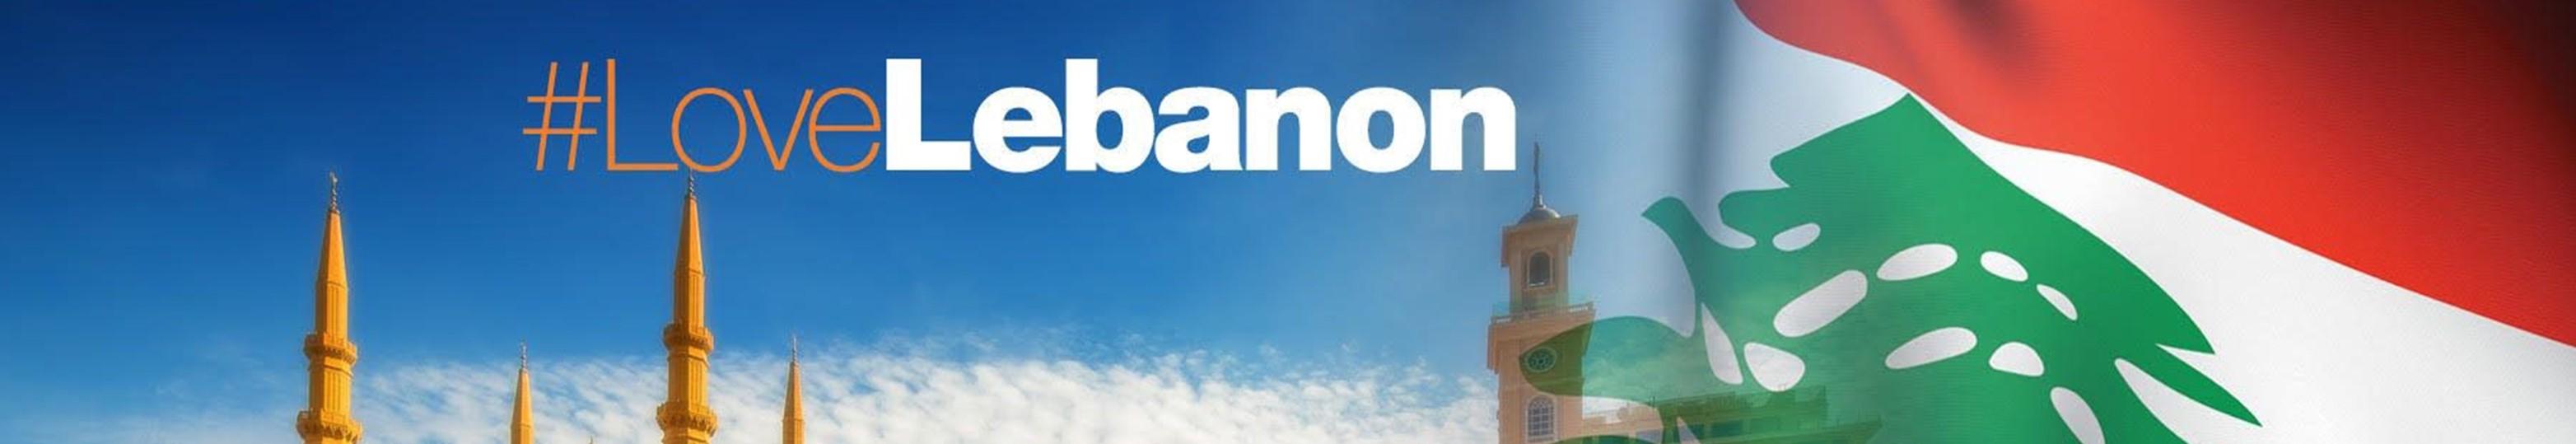 Love Lebanon Update October 2020